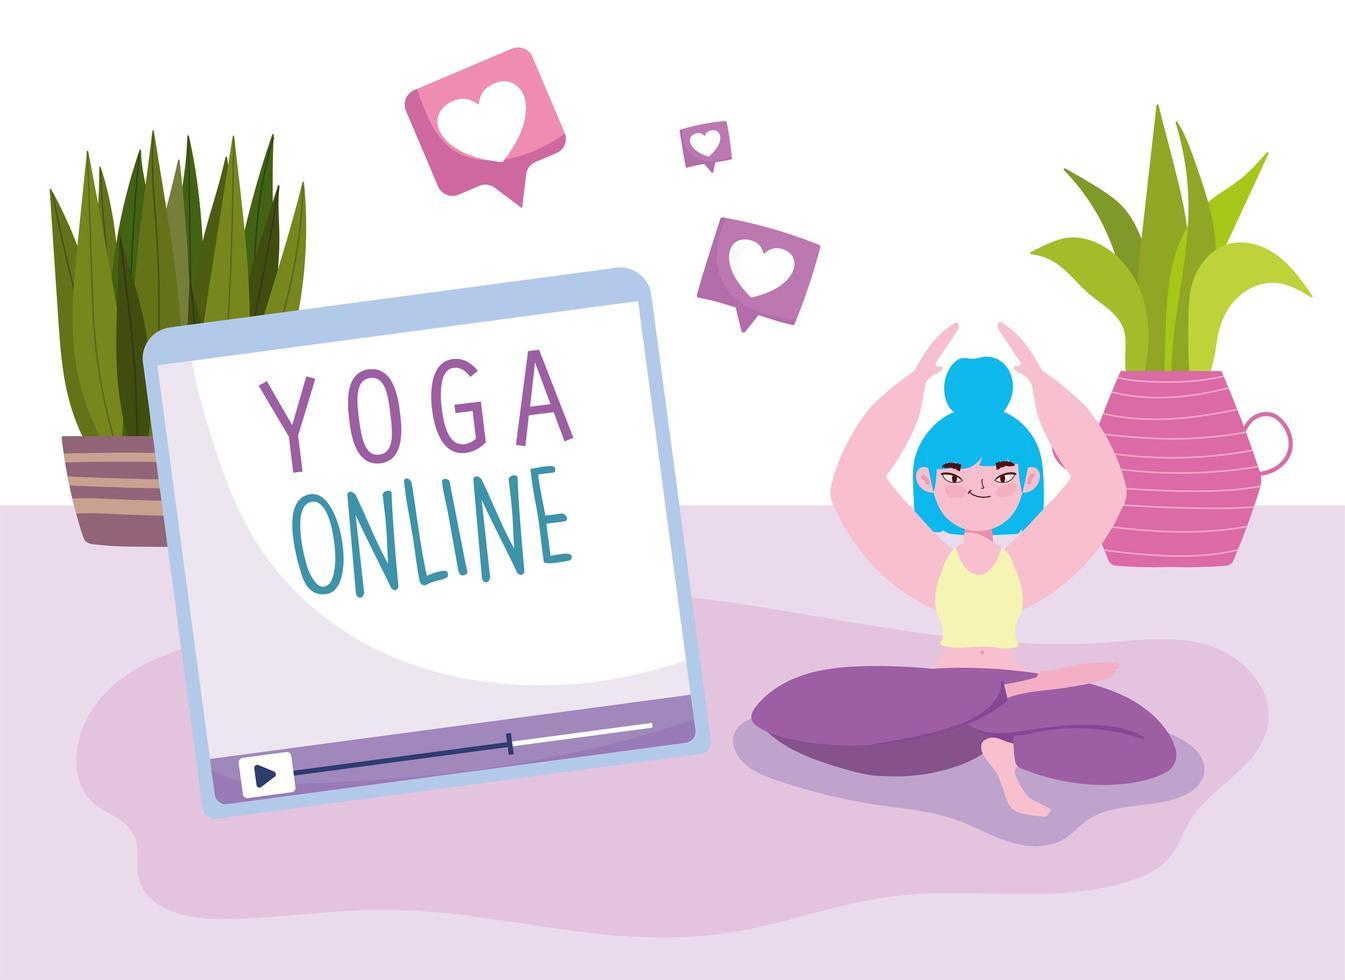 jonge vrouw het beoefenen van yoga online in lotus houding vector